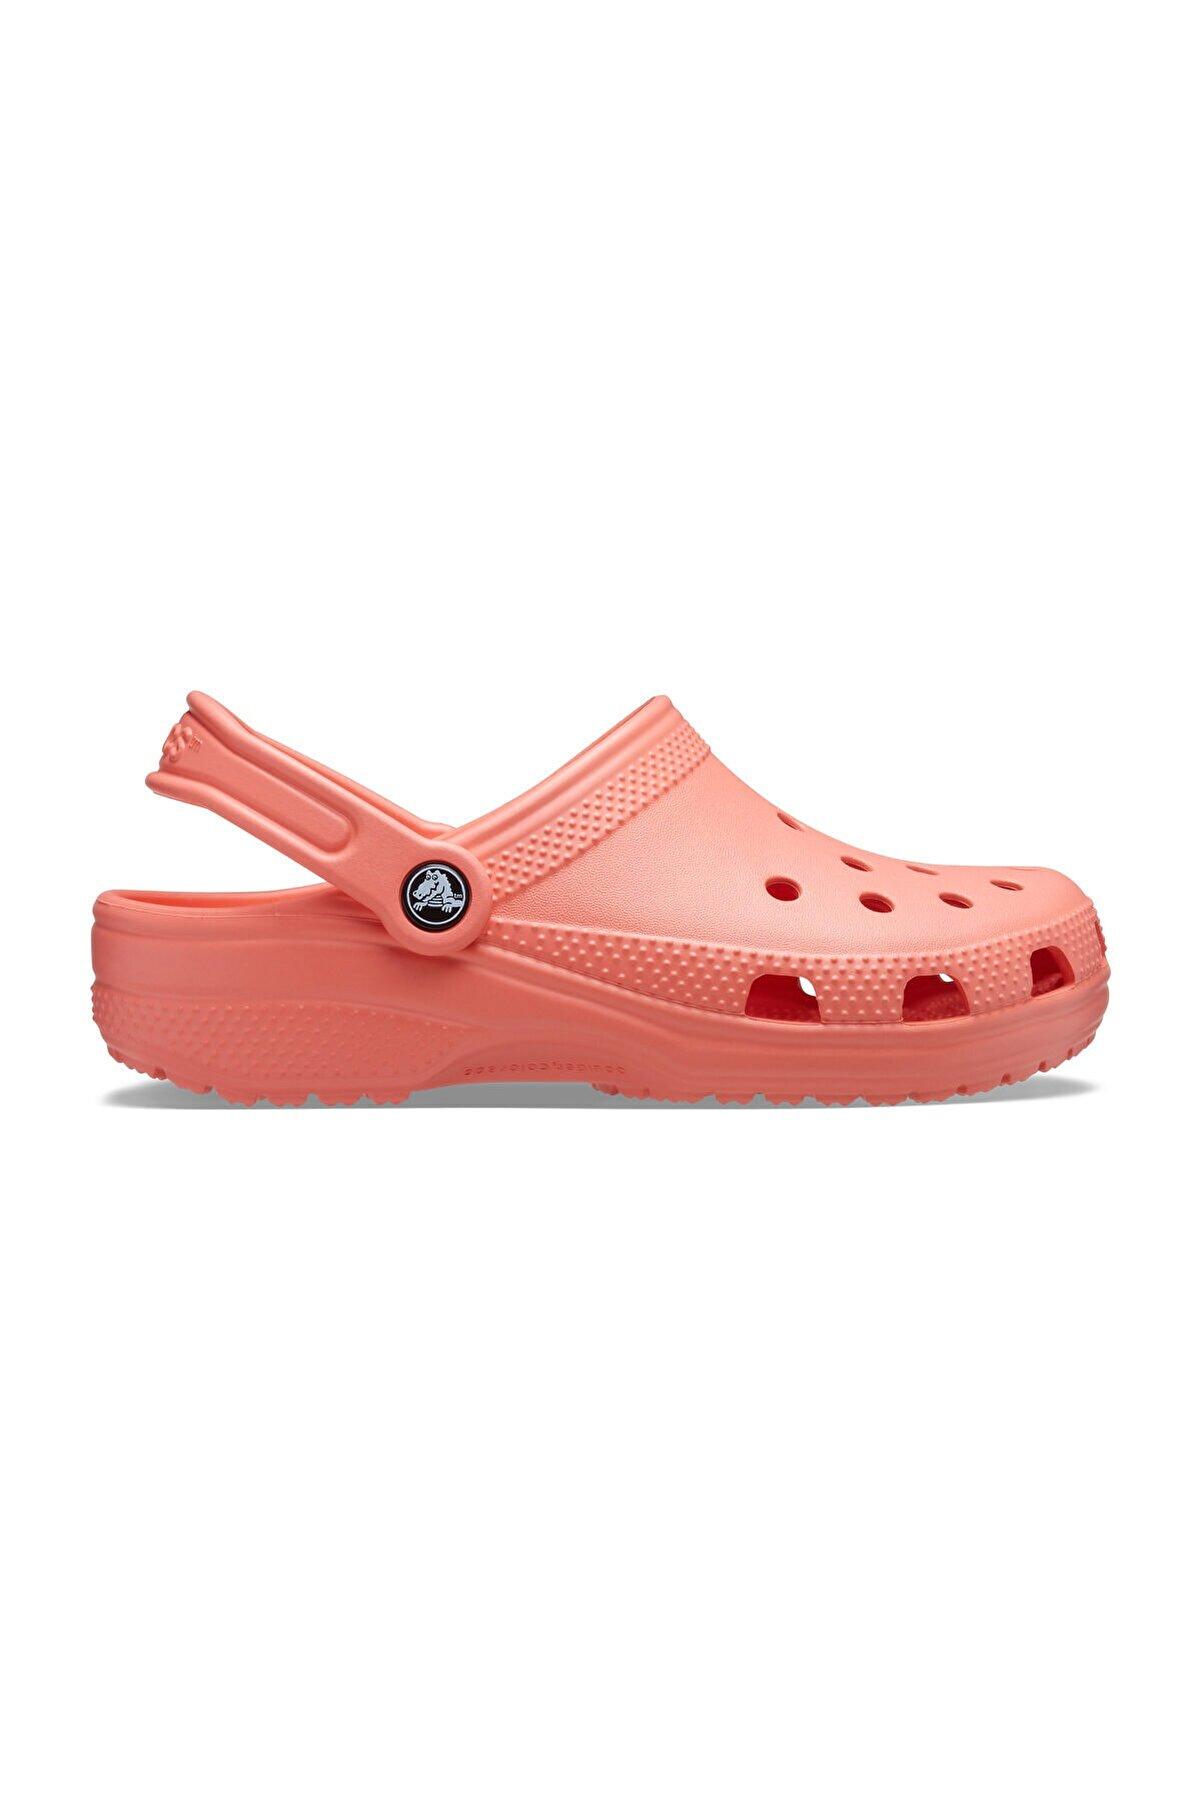 Crocs Classic Turuncu Unisex Terlik